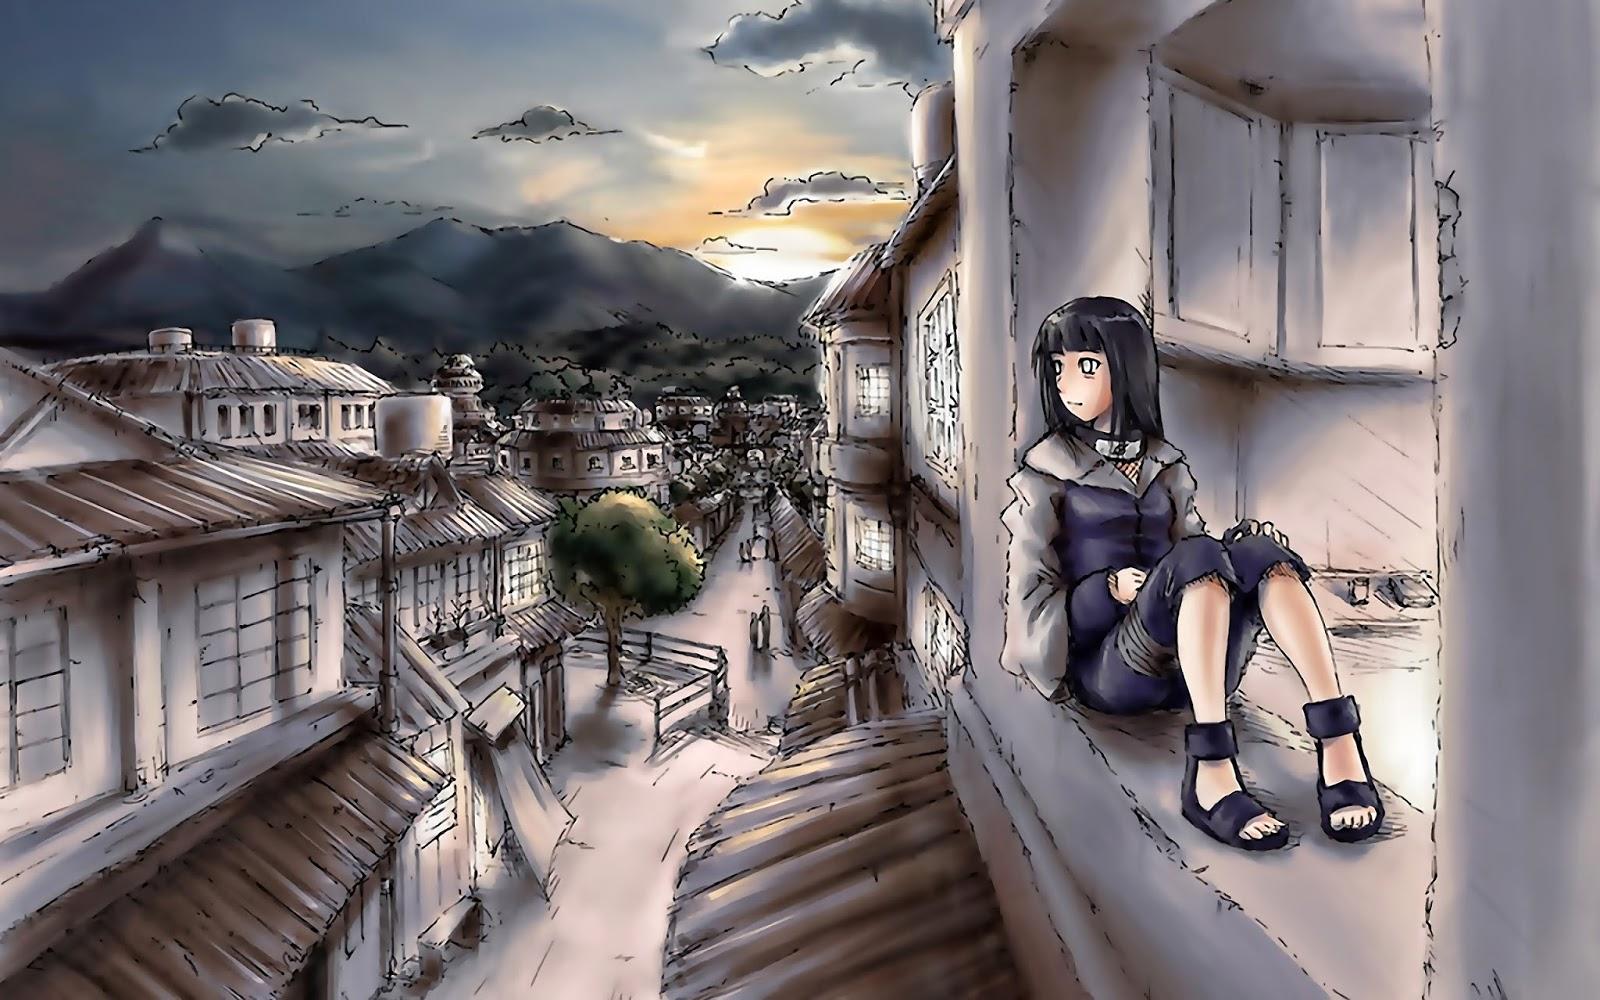 Anh-Naruto-Hinata-dep-full-hd (10)